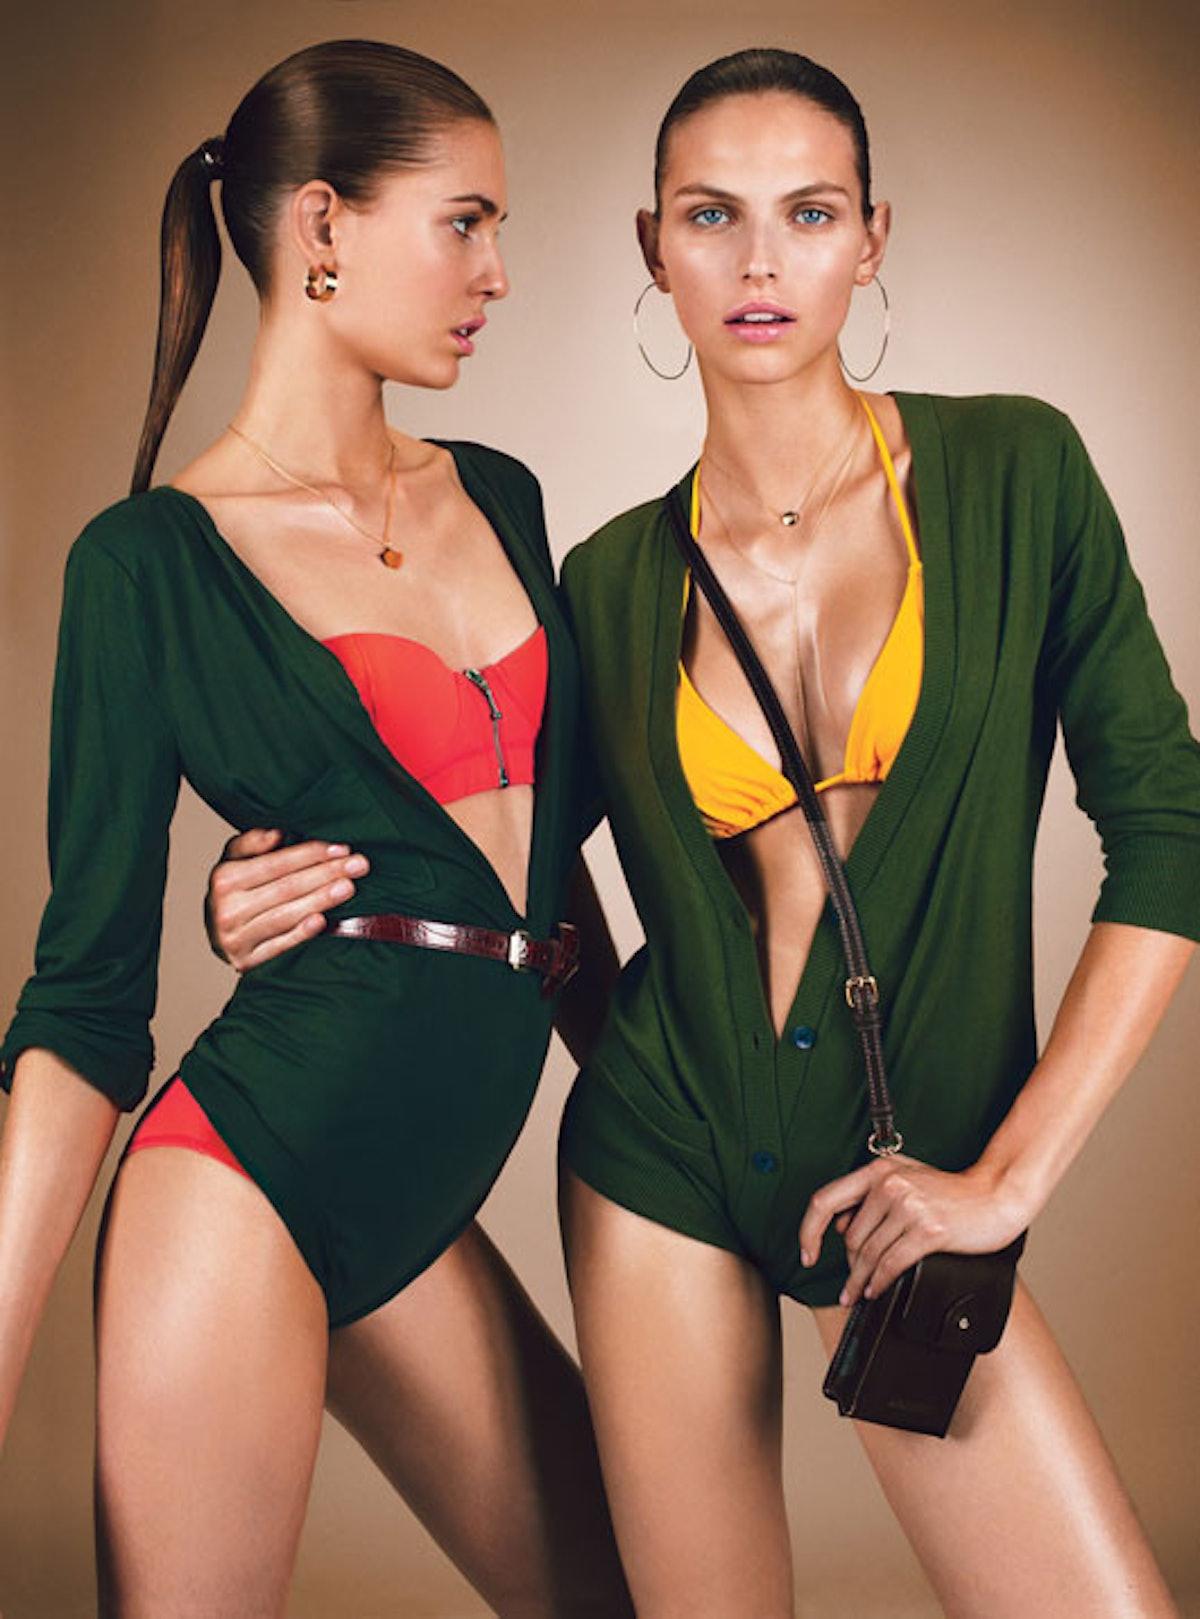 fass-sporty-summer-swimsuits-05-l.jpg